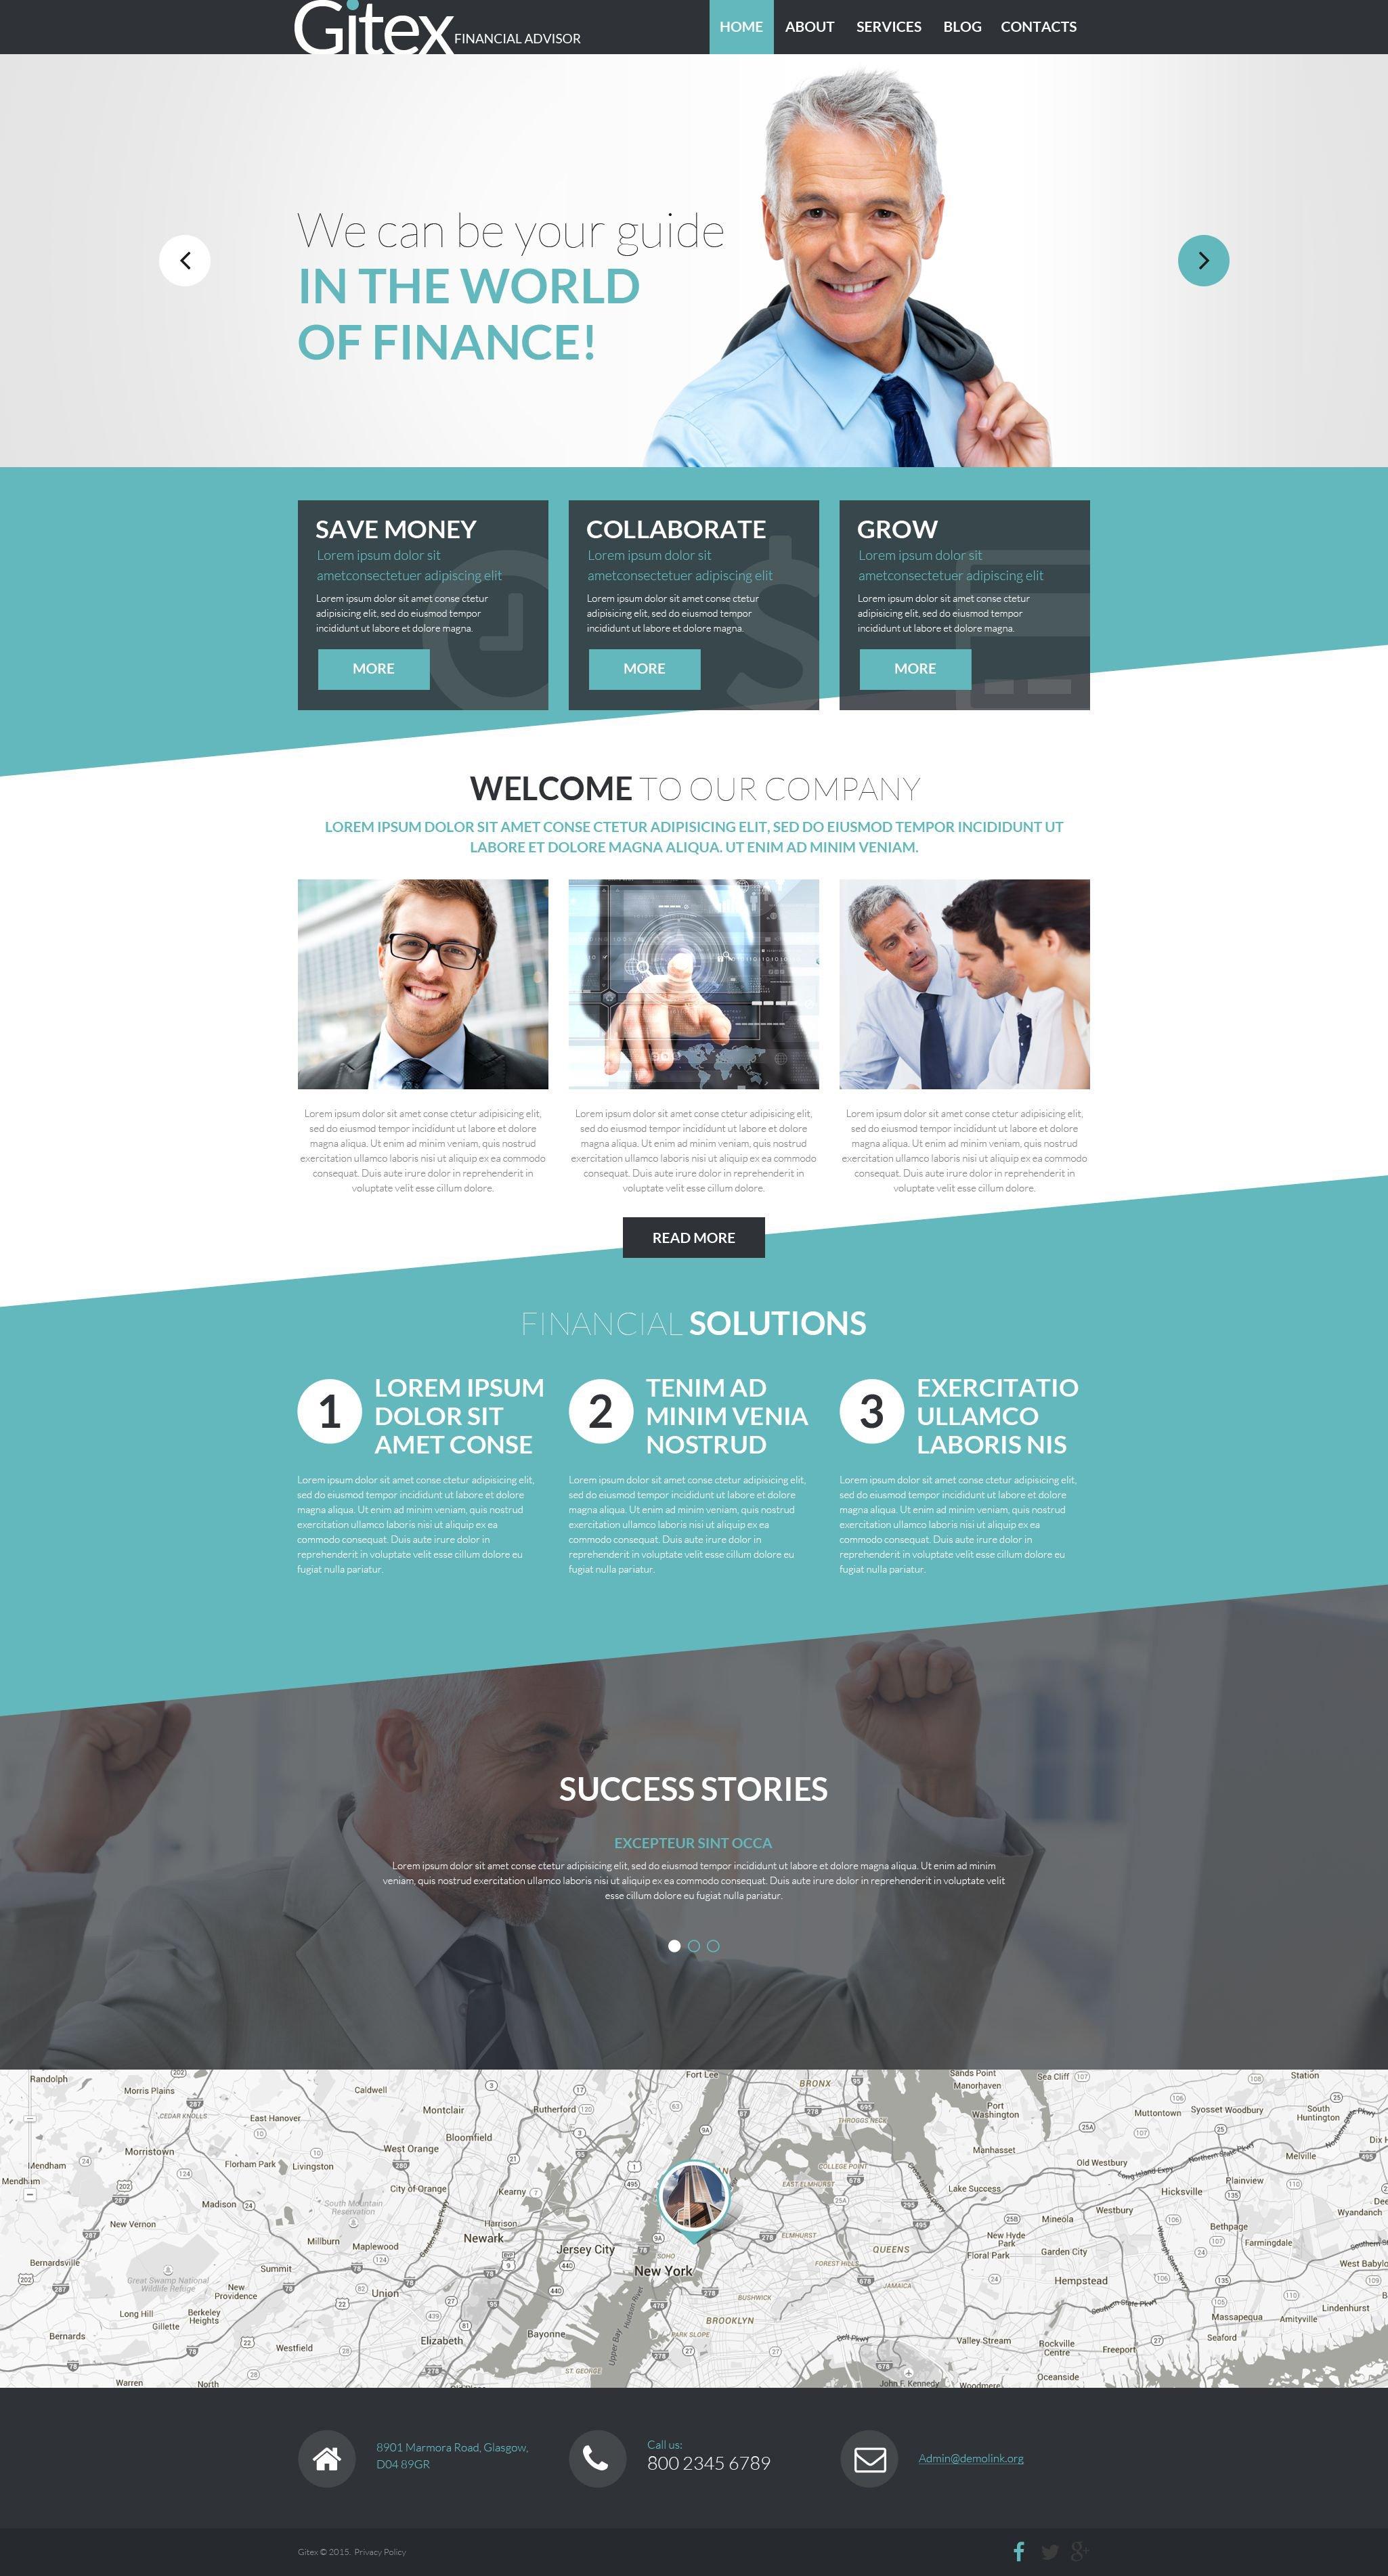 Gitex WordPress Theme - screenshot